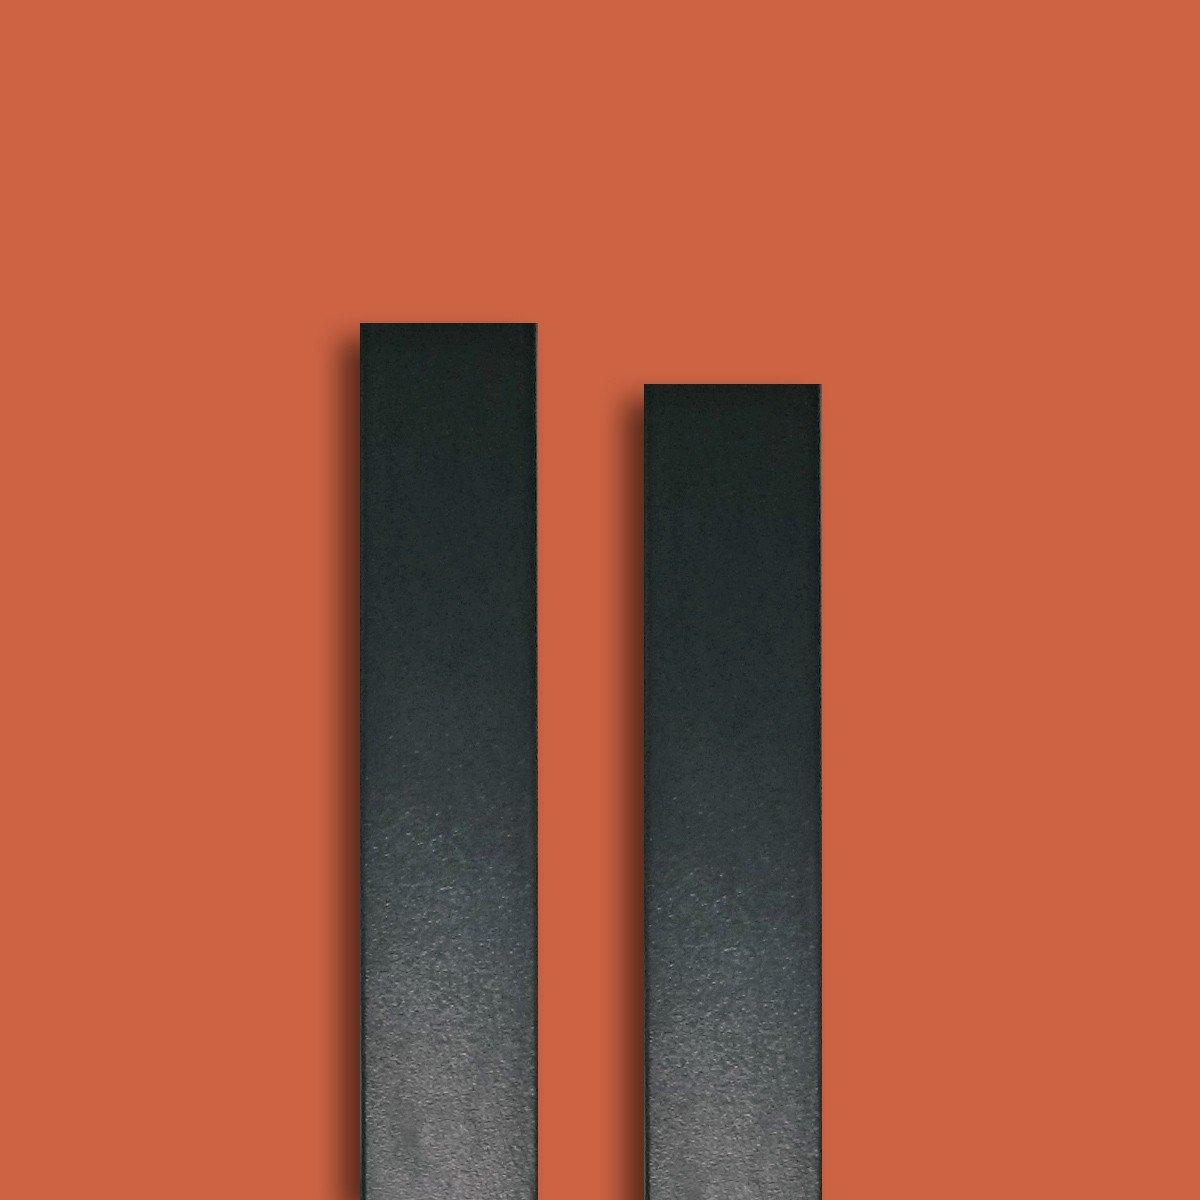 golden-oak 1 m bis 50 m dunkelbraun 3,90/€ //m anthrazit braun 1 m MIT LIPPE Fensterleisten Flachleisten in grau Made in Germany Fensterleiste Flachleiste Abdeckleiste 30mm H/öhe